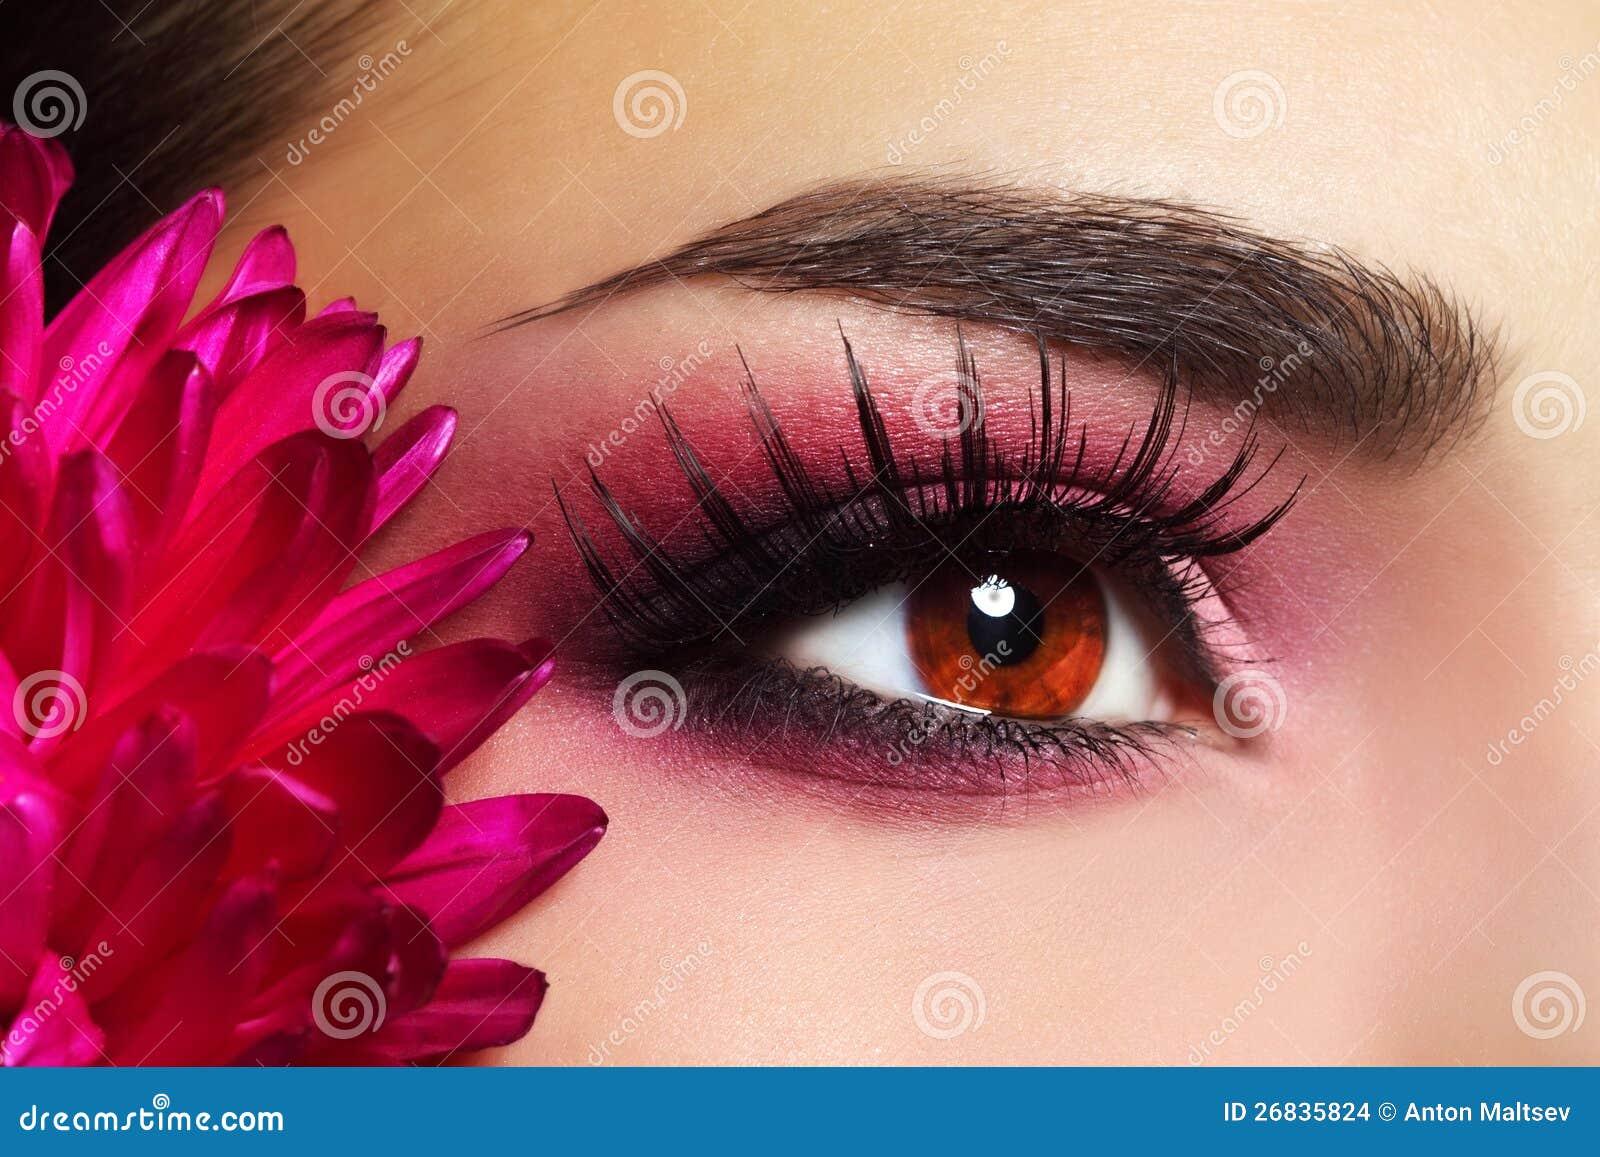 Oka piękny Makeup